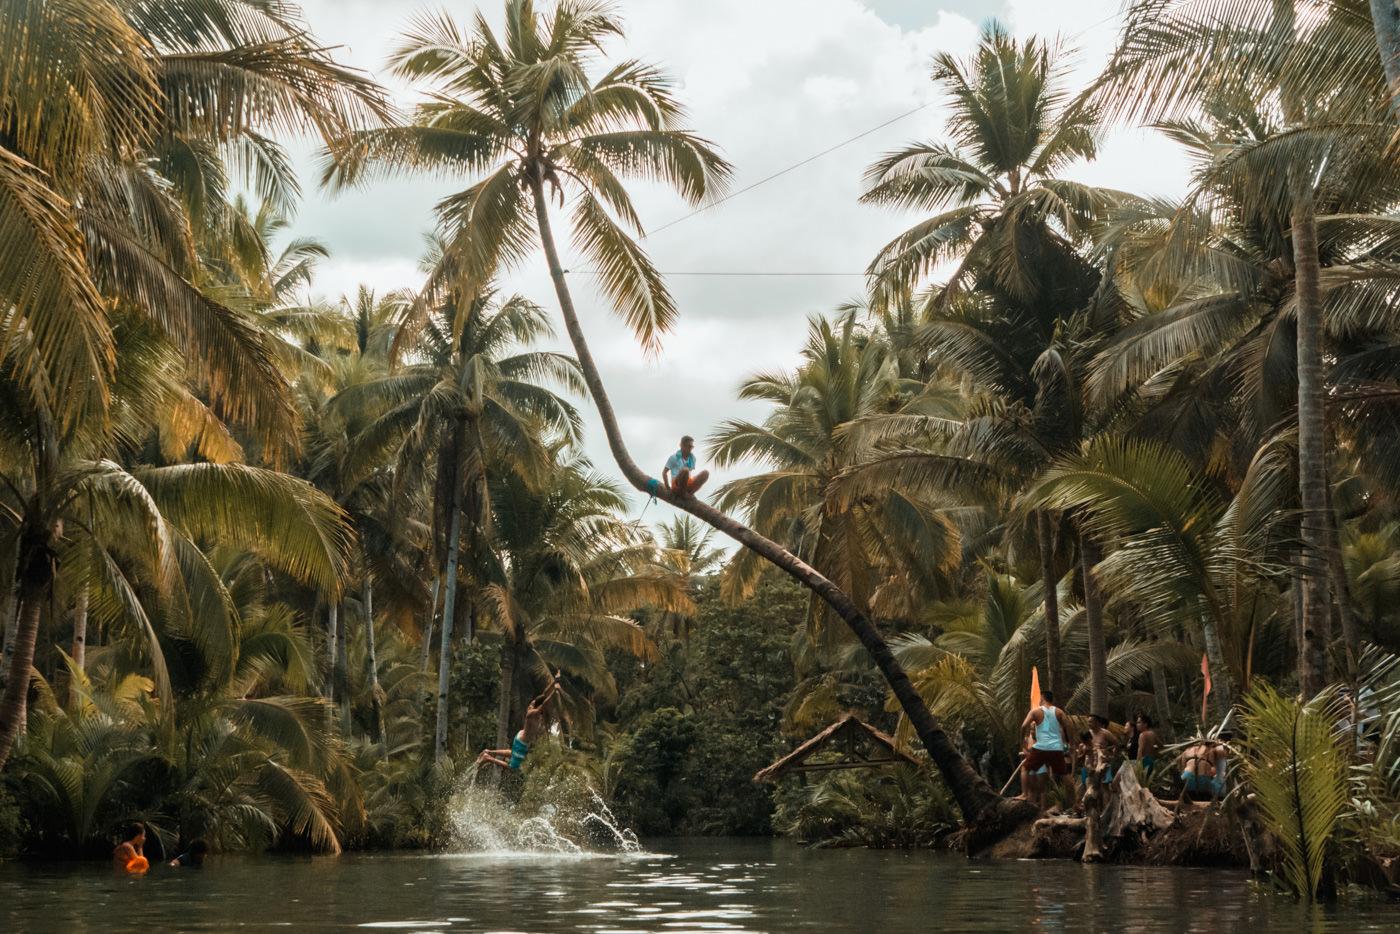 Matthias schwingt an einer Palme in den Fluss auf Siargao